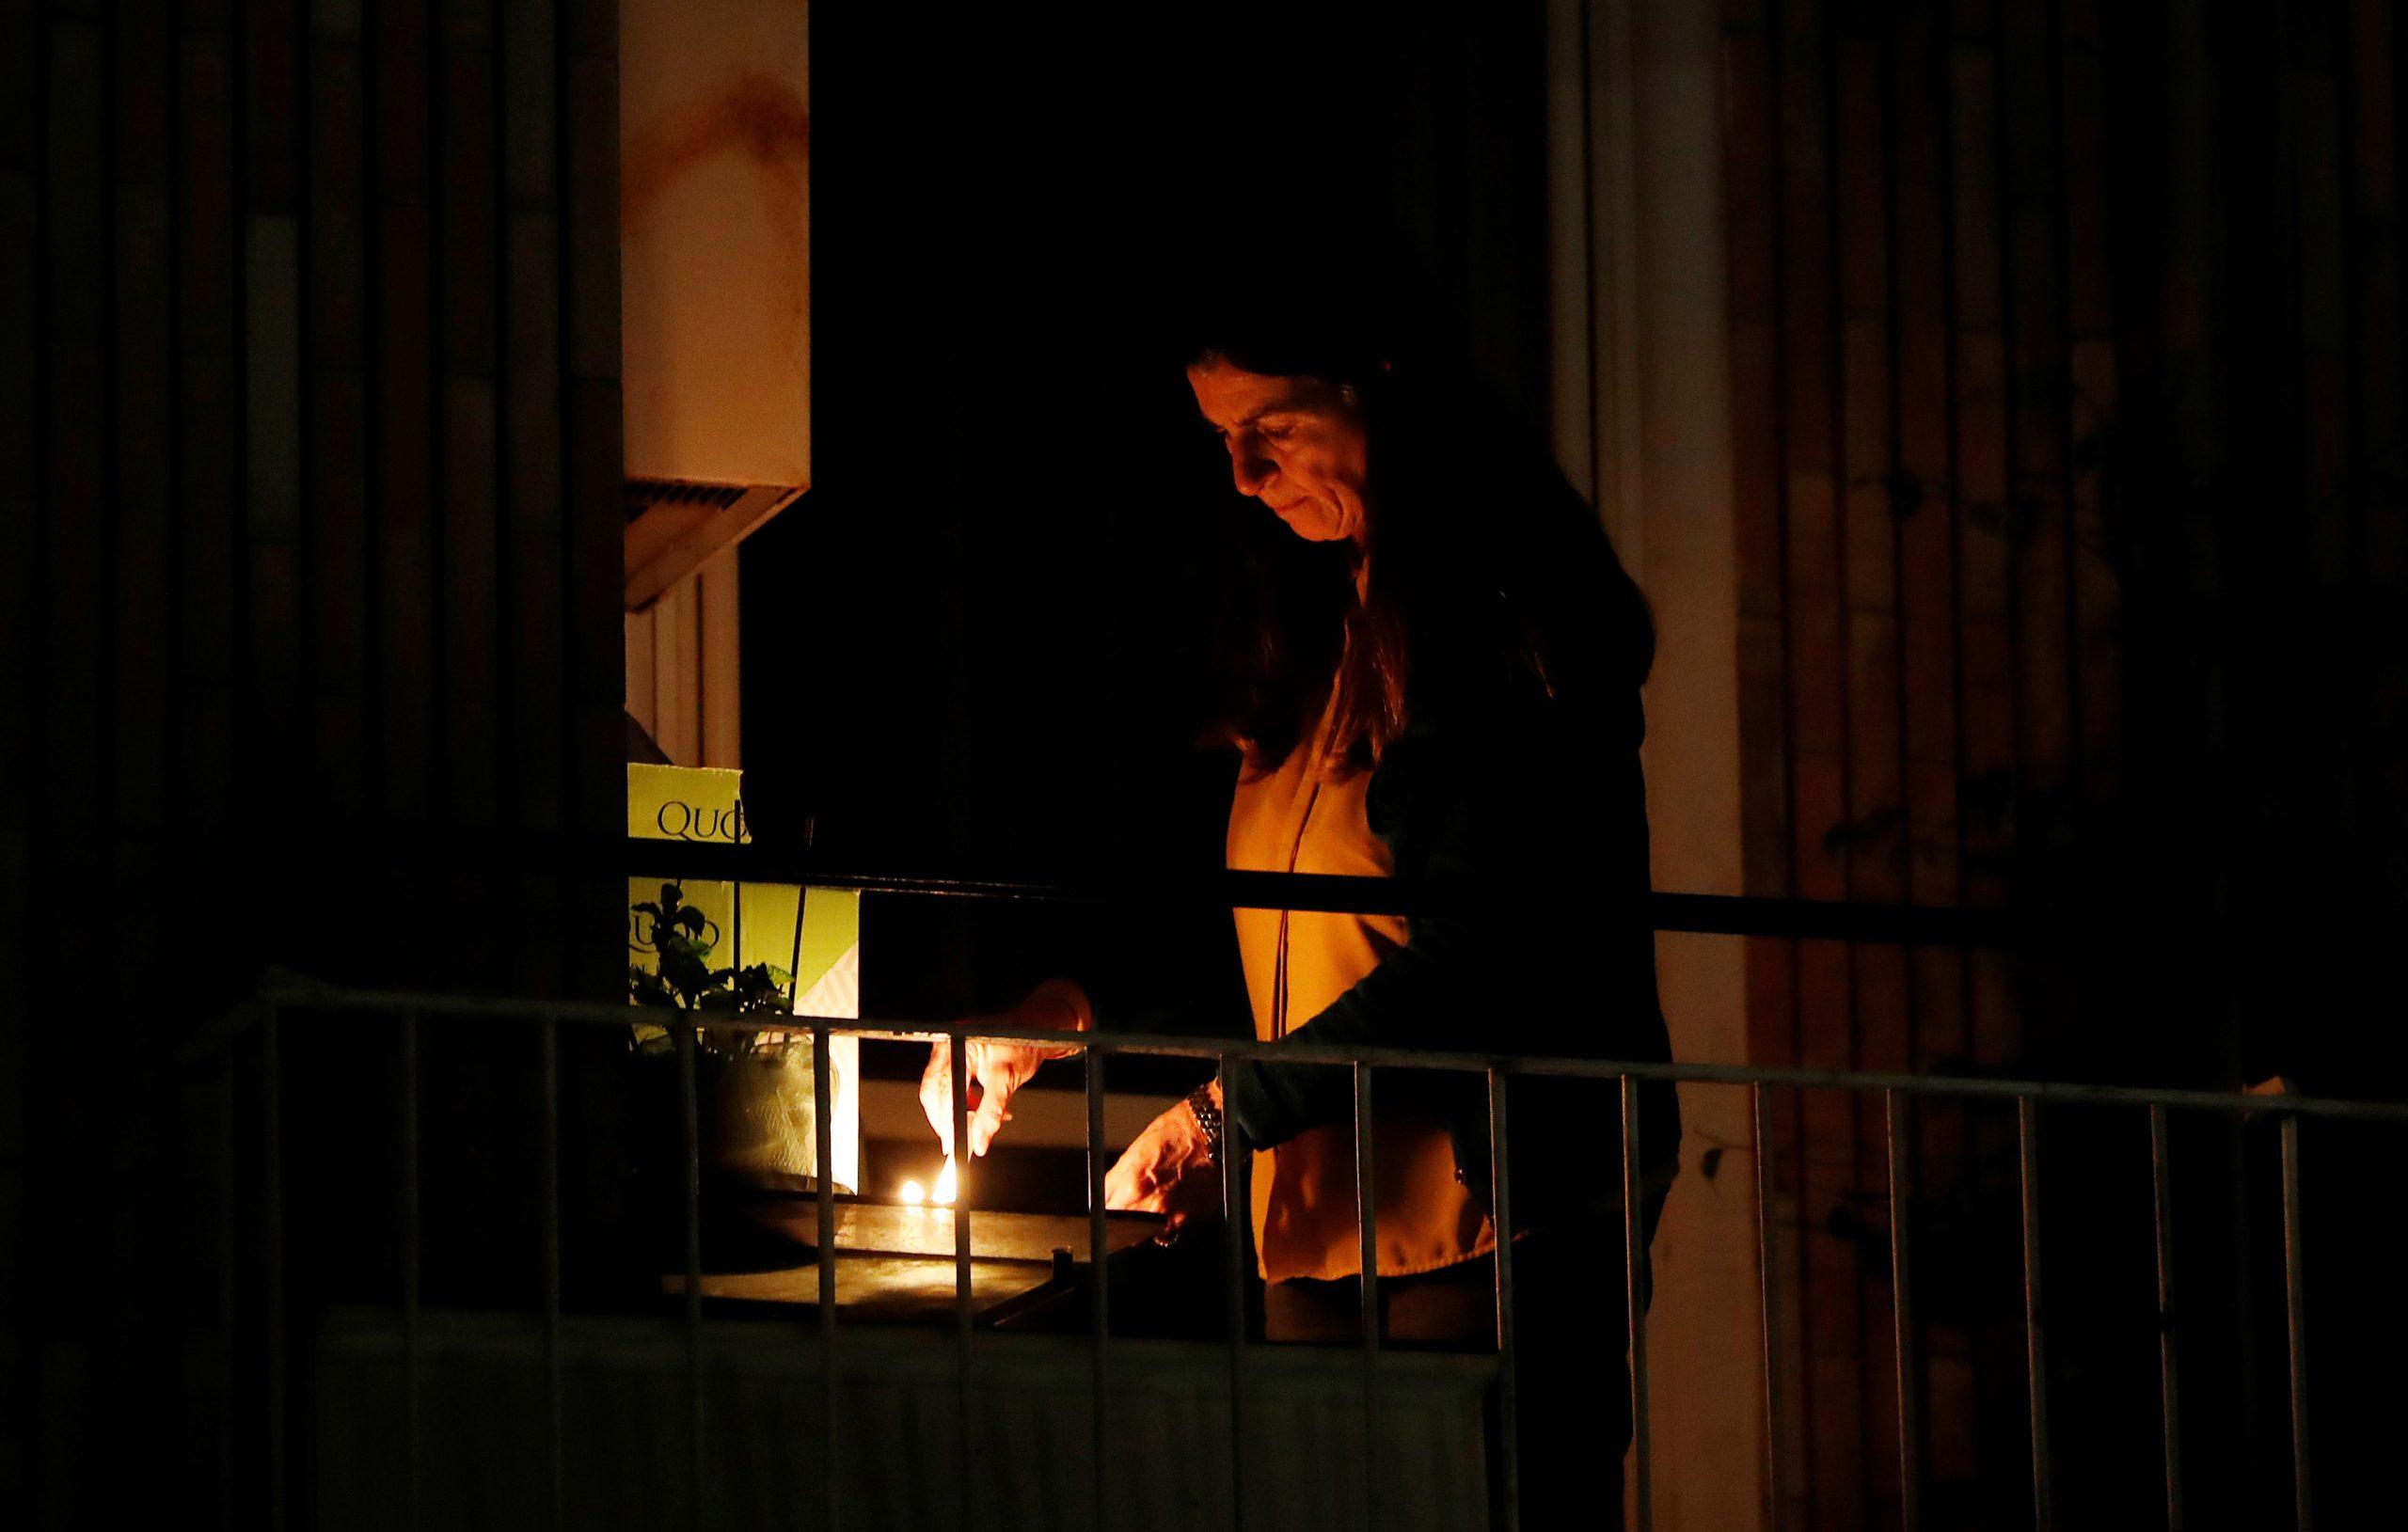 la catholics unite with light amid